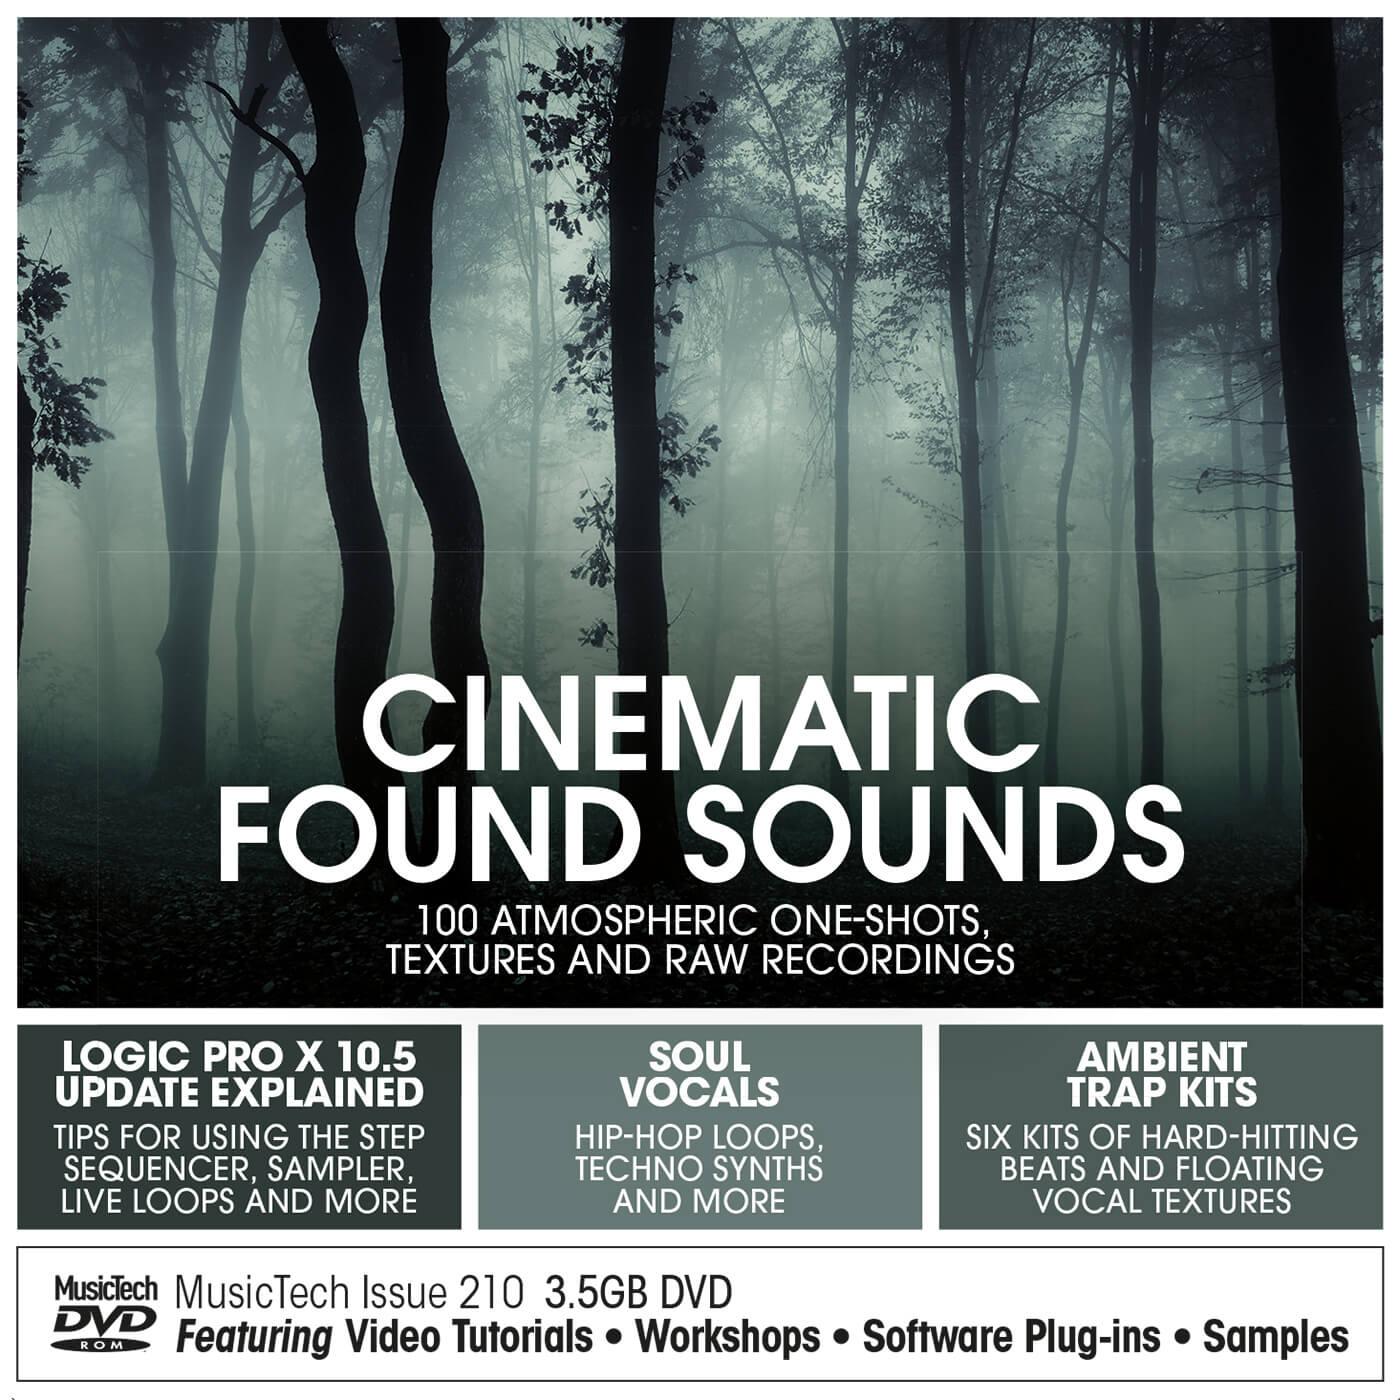 MusicTech 210 DVD